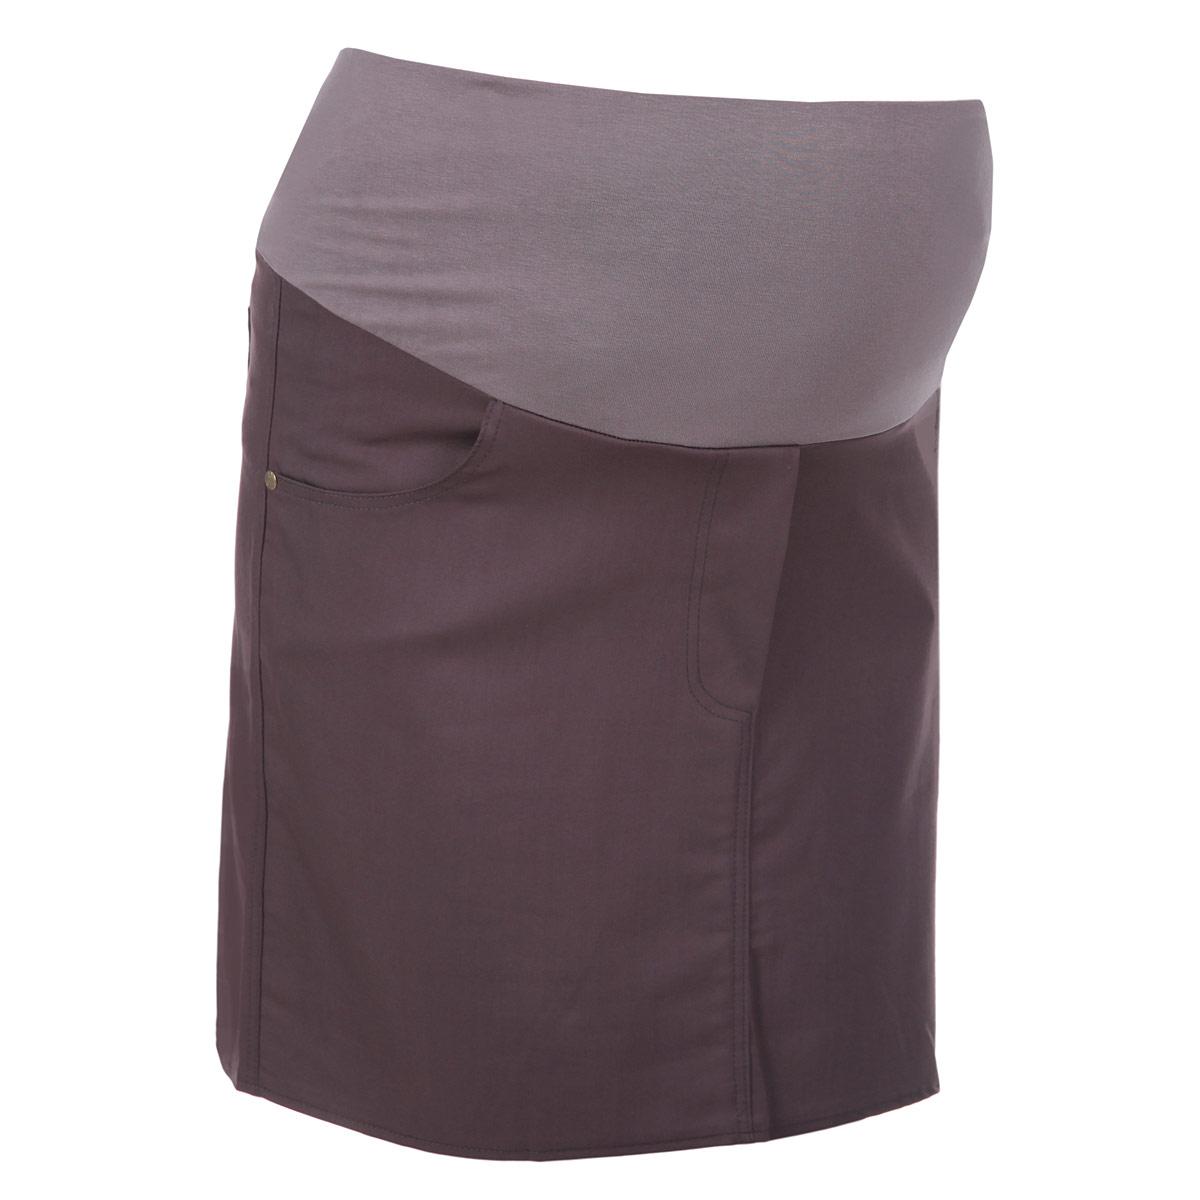 6107.1Стильная и удобная юбка для беременных Nuova Vita станет отличным дополнением вашего летнего гардероба и подчеркнет очарование будущей мамы. Юбка-миди выполнена из высококачественного материала, она невероятно мягкая и приятная на ощупь. Модель оснащена высоким удобным бандажом, дополнительно поддерживающим живот. Юбка дополнена двумя втачными карманами спереди и двумя накладными карманами сзади, а также оформлена имитацией ширинки. Юбка выполнена из вискозы с добавлением полиэстера и эластана. Вискоза является волокном, произведенным из натурального материала - целлюлозы (древесины). Иногда ее называют древесный шелк. Эта ткань на ощупь мягкая и приятная, образует красивые складки. Материал очень хорошо впитывает влагу, не образует катышек со временем, не выцветает на солнце и обладает приятным шелковистым блеском.